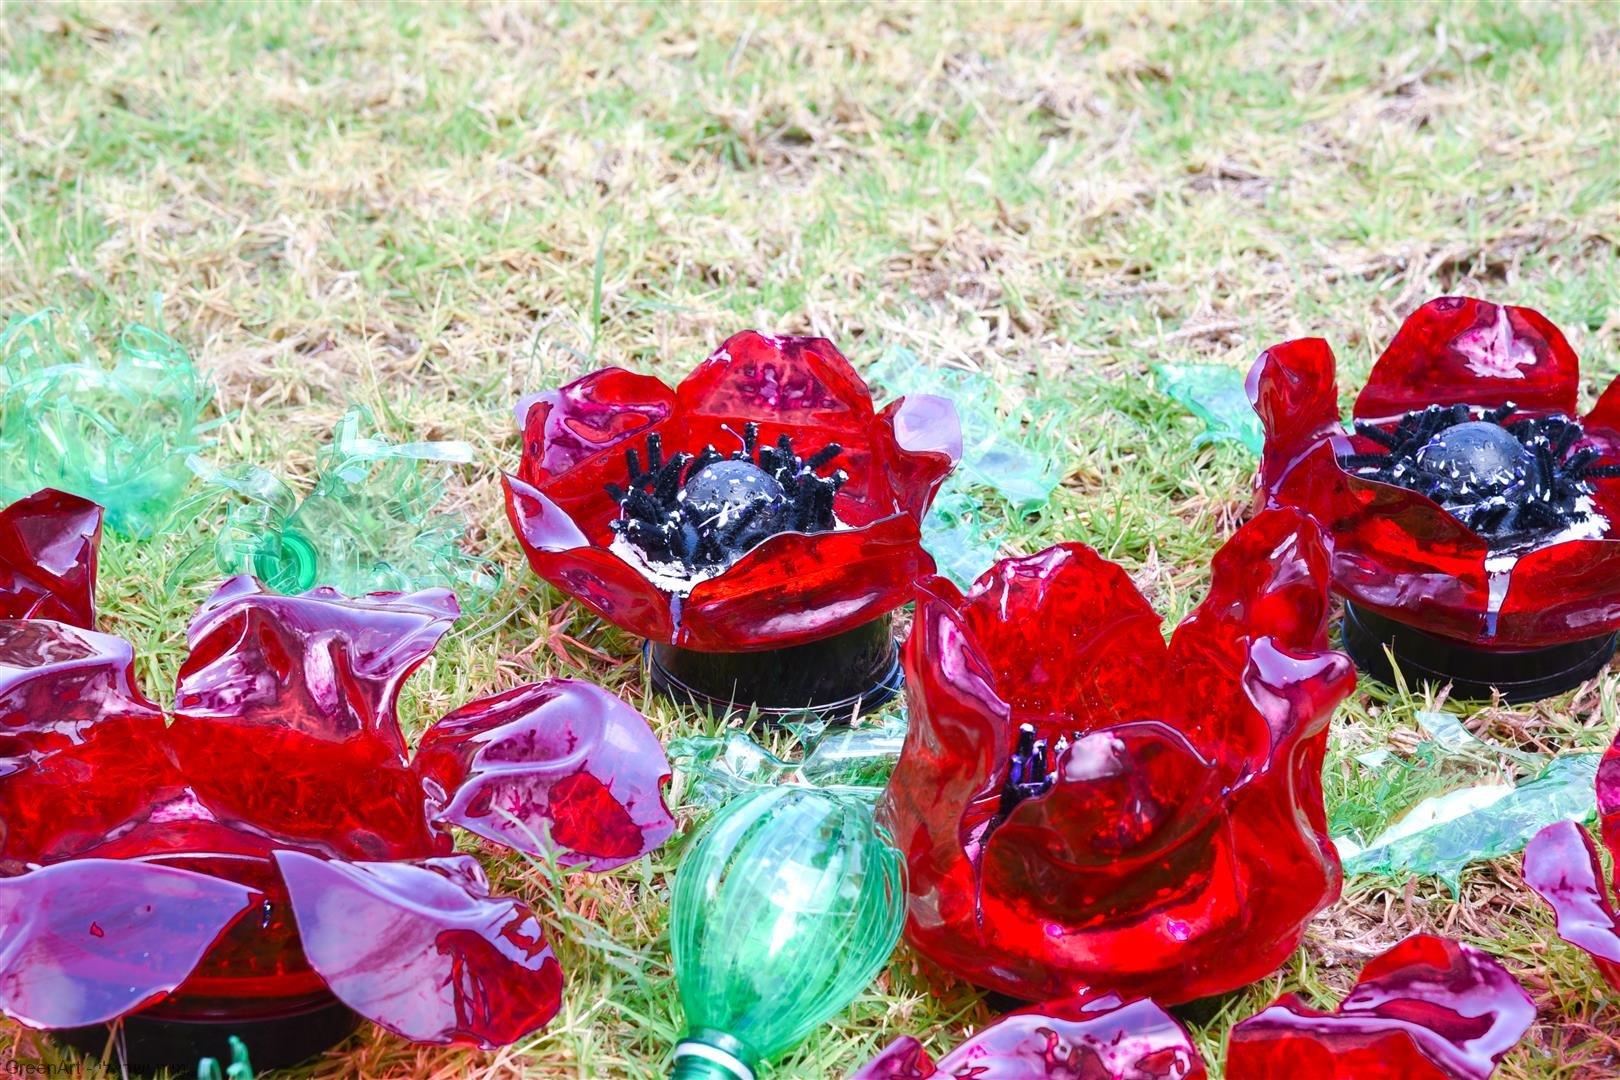 שדה כלניות ופרגים מבקבוקי פלסטיק- צילום ויקי מוצפי